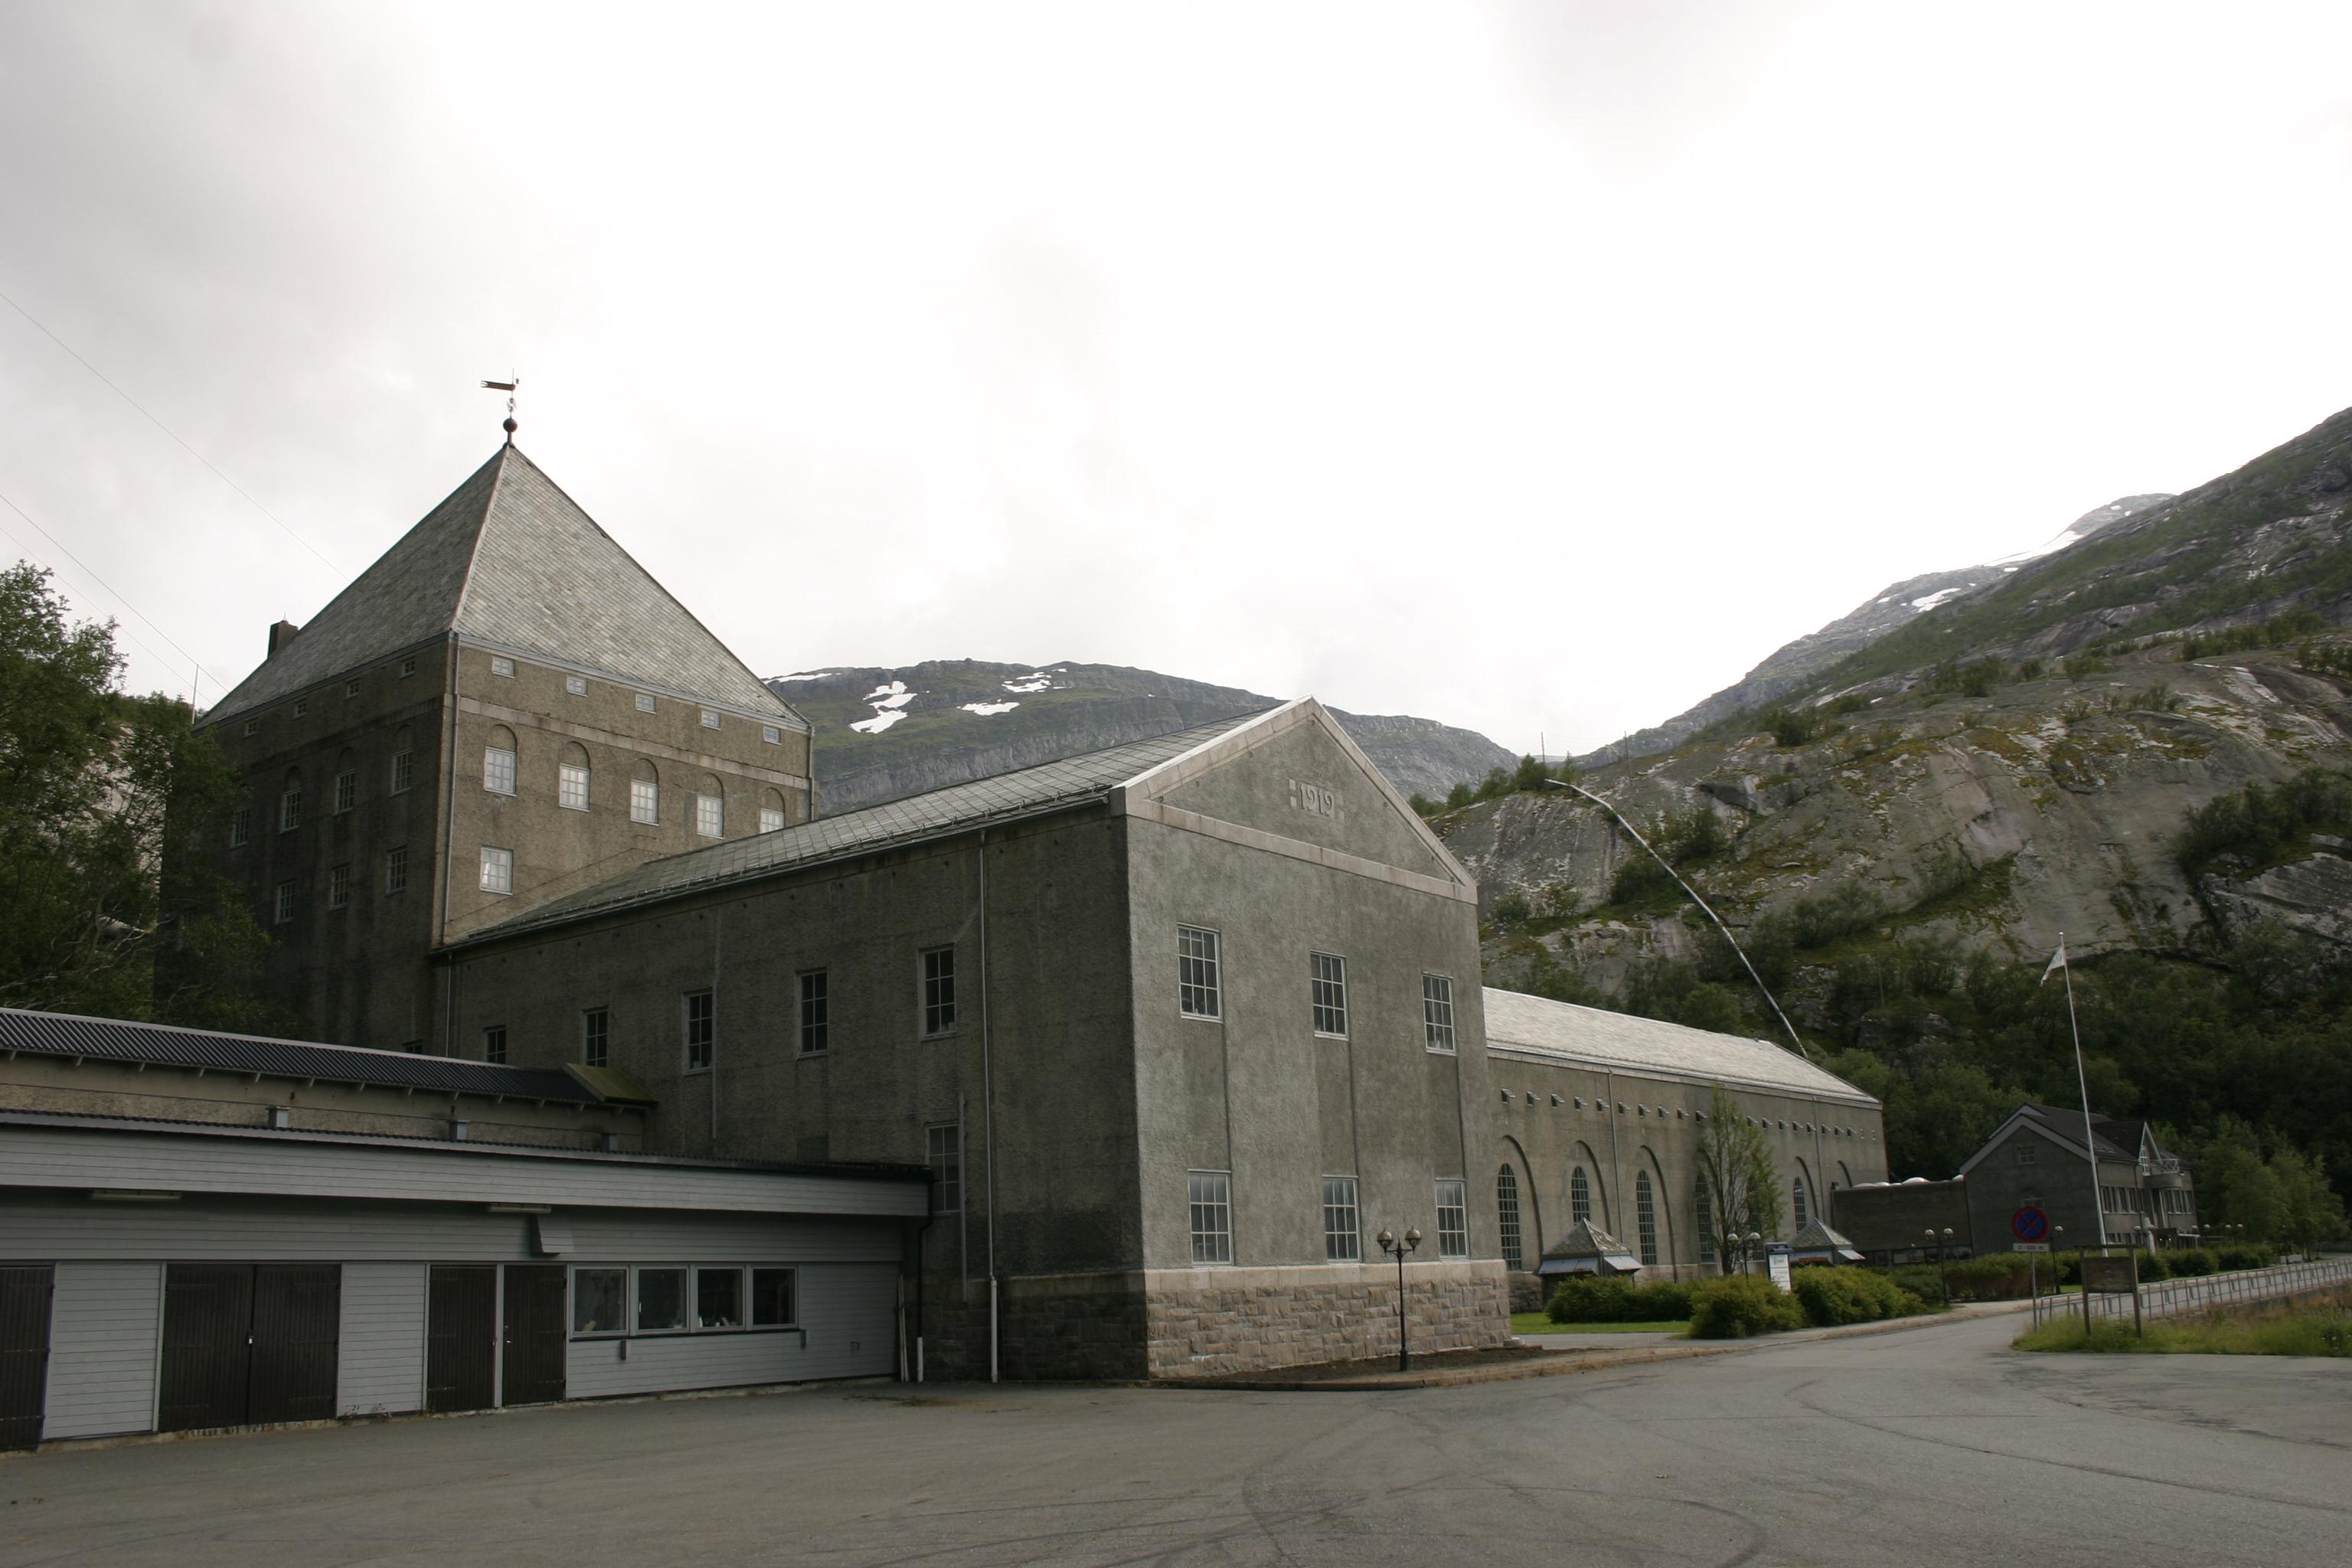 glomfjord dating site